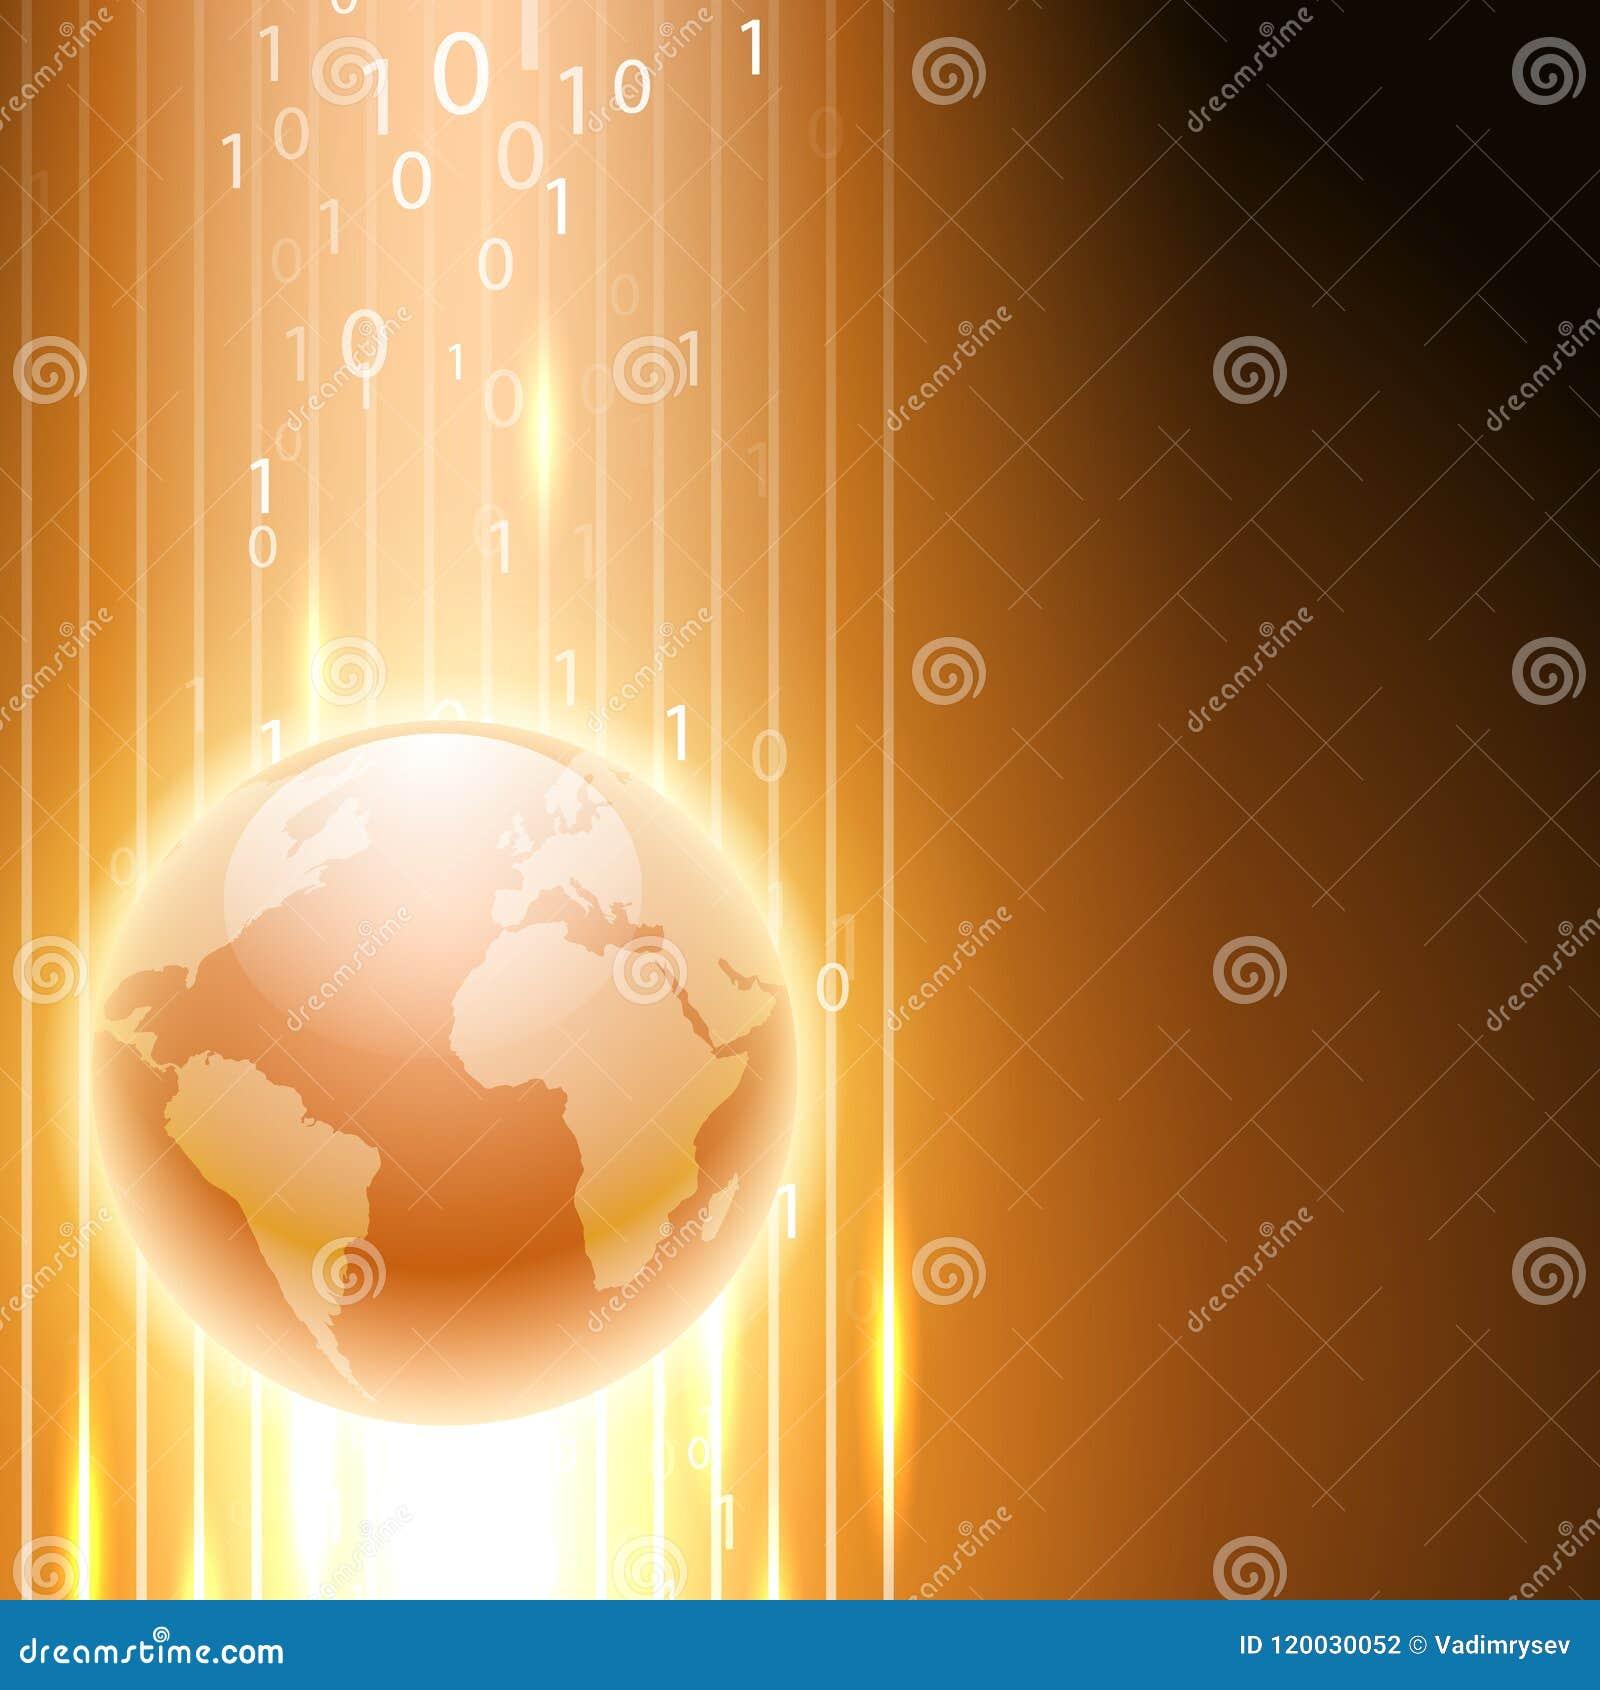 Oranje achtergrond met binaire code aan de bol